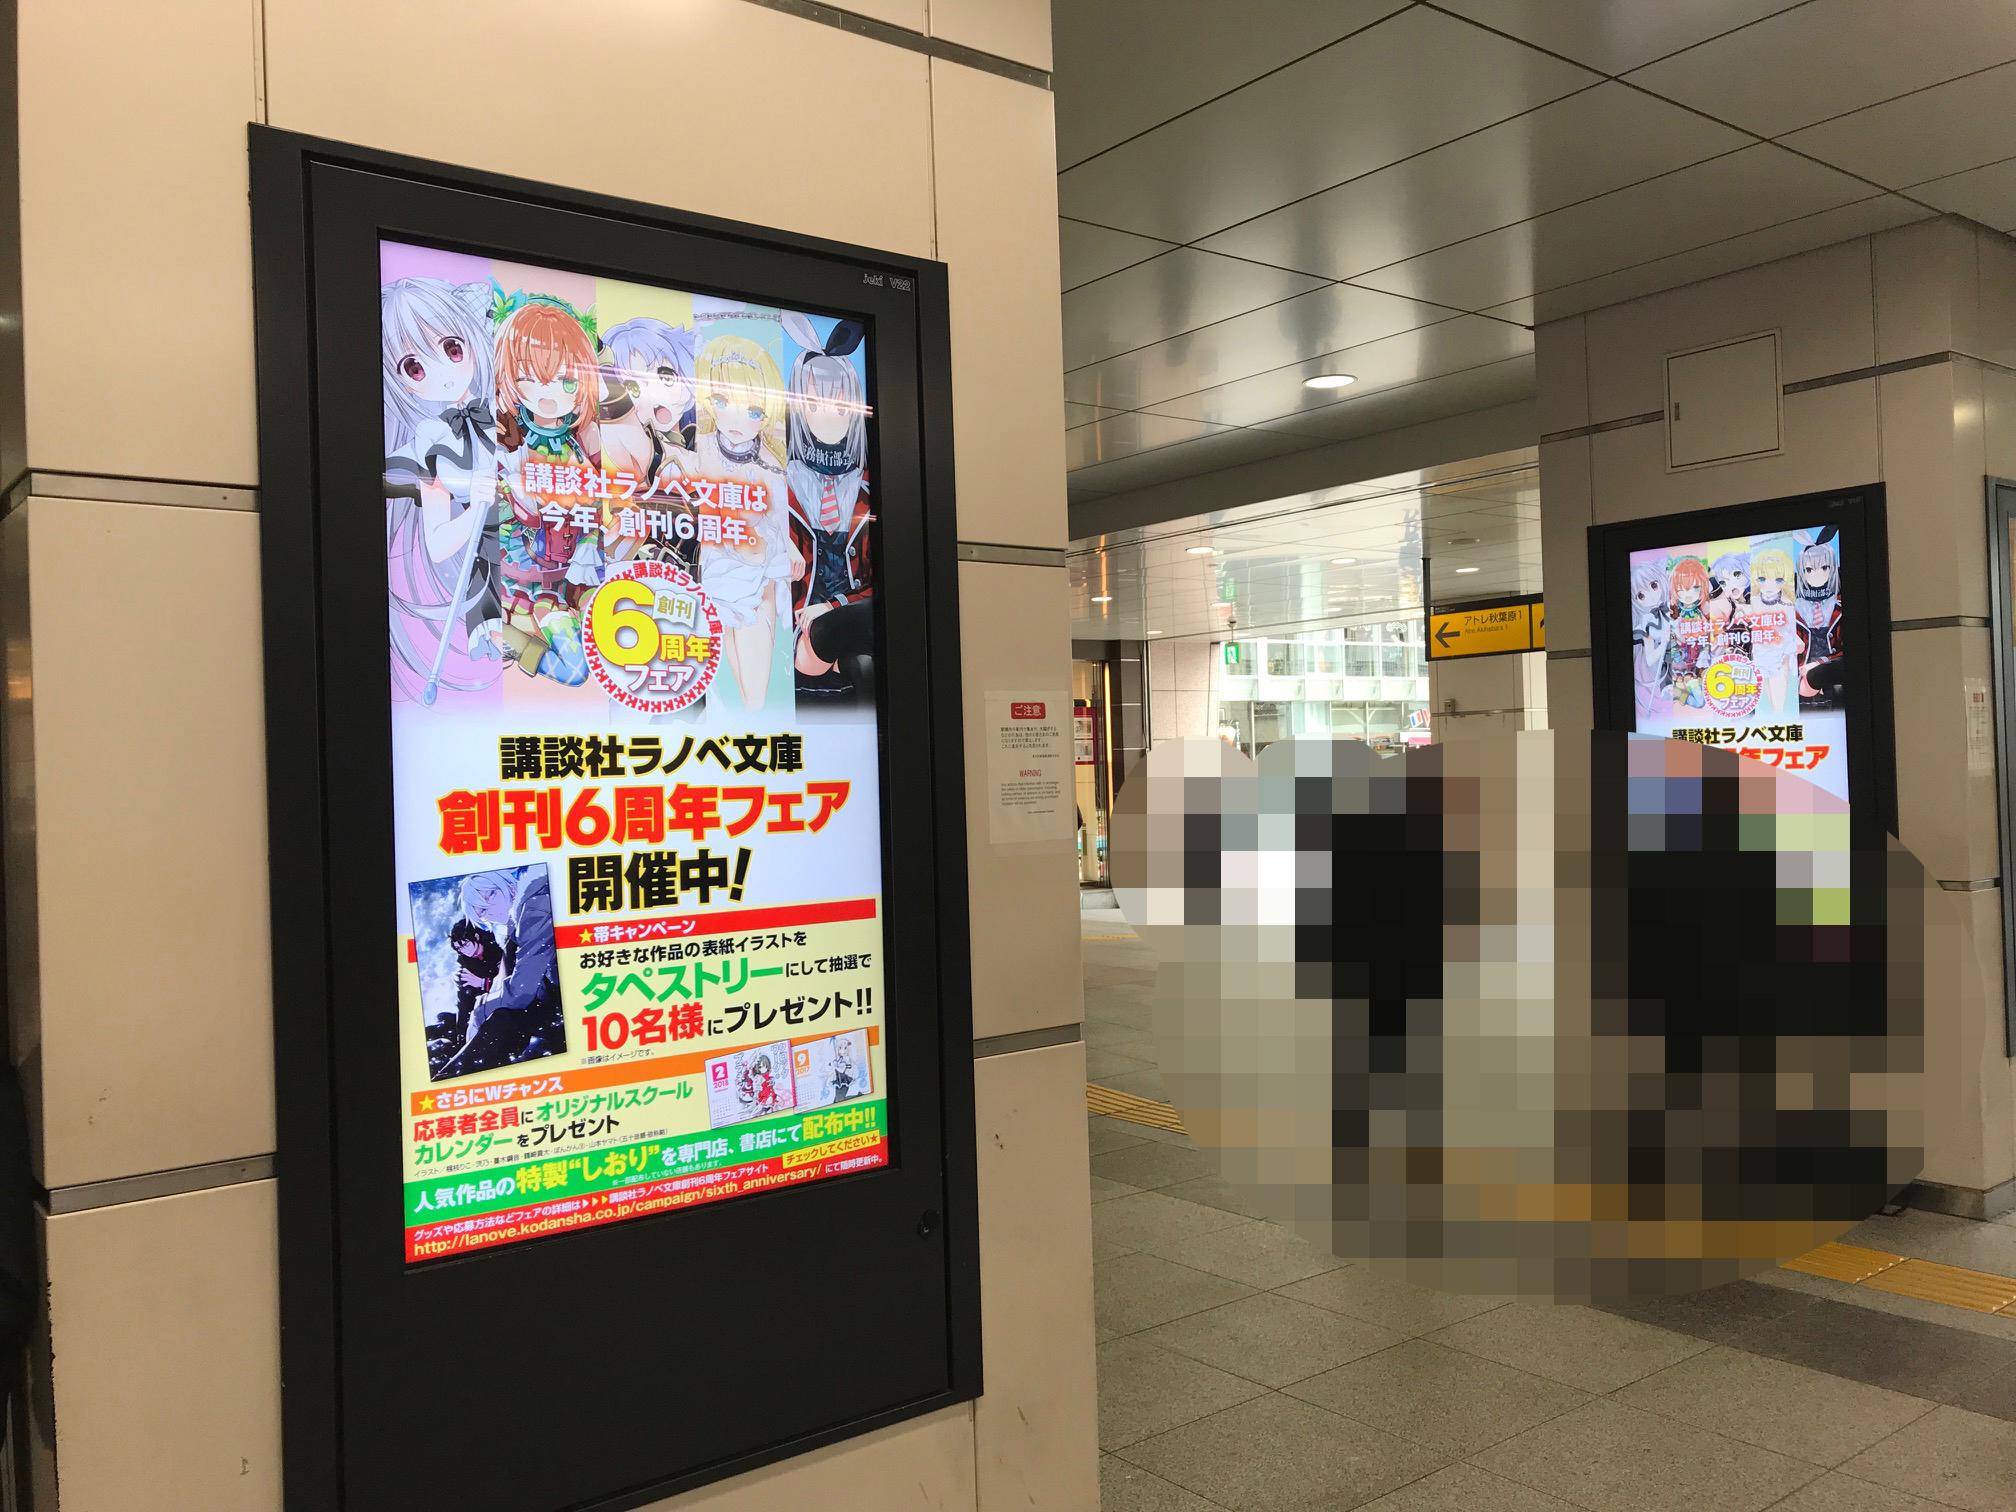 K_6thfair_JRakihabara_AD_1